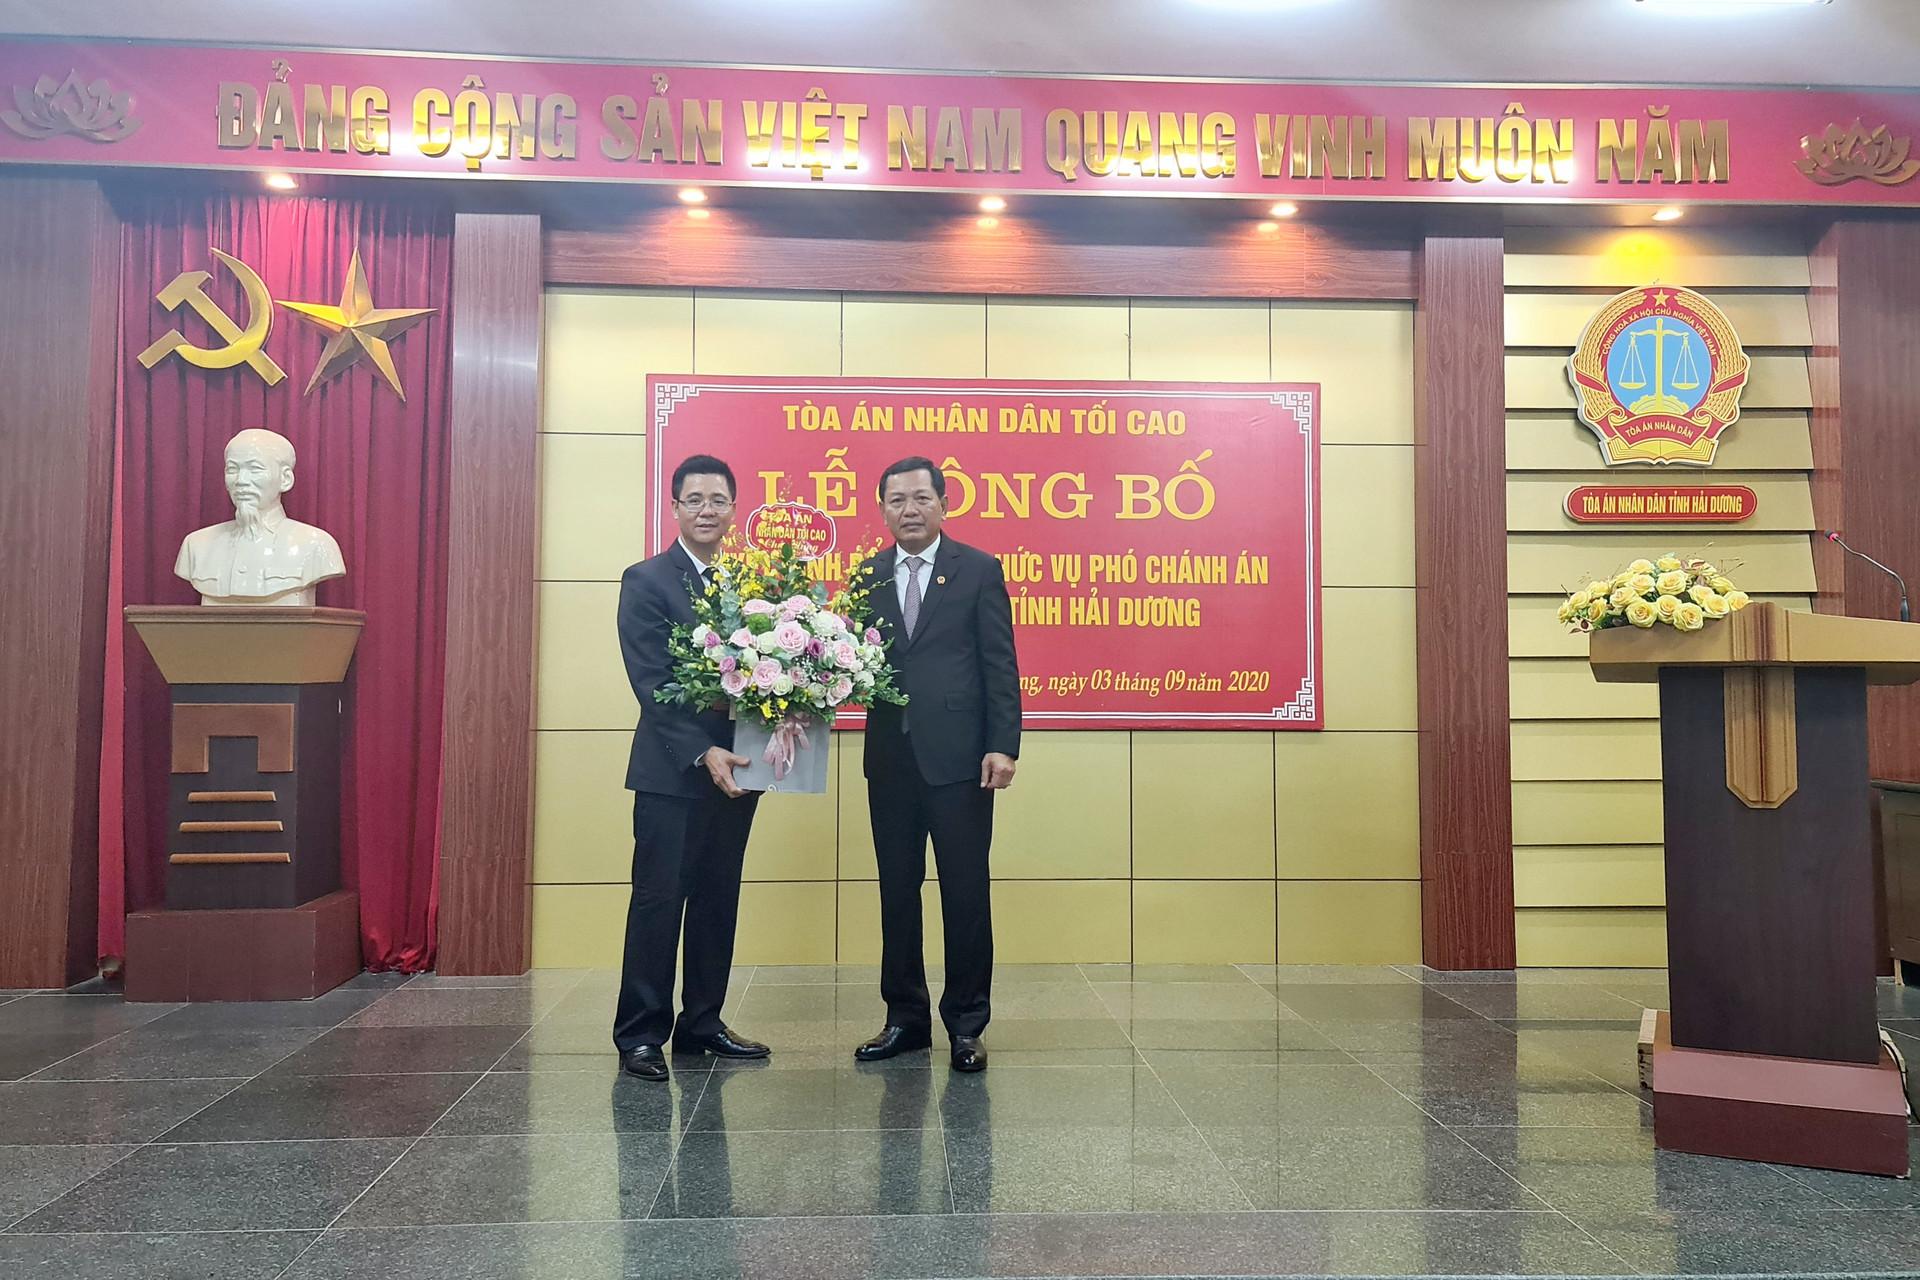 TANDTC điều động, bổ nhiệm Phó Chánh án TAND tỉnh Hải Dương